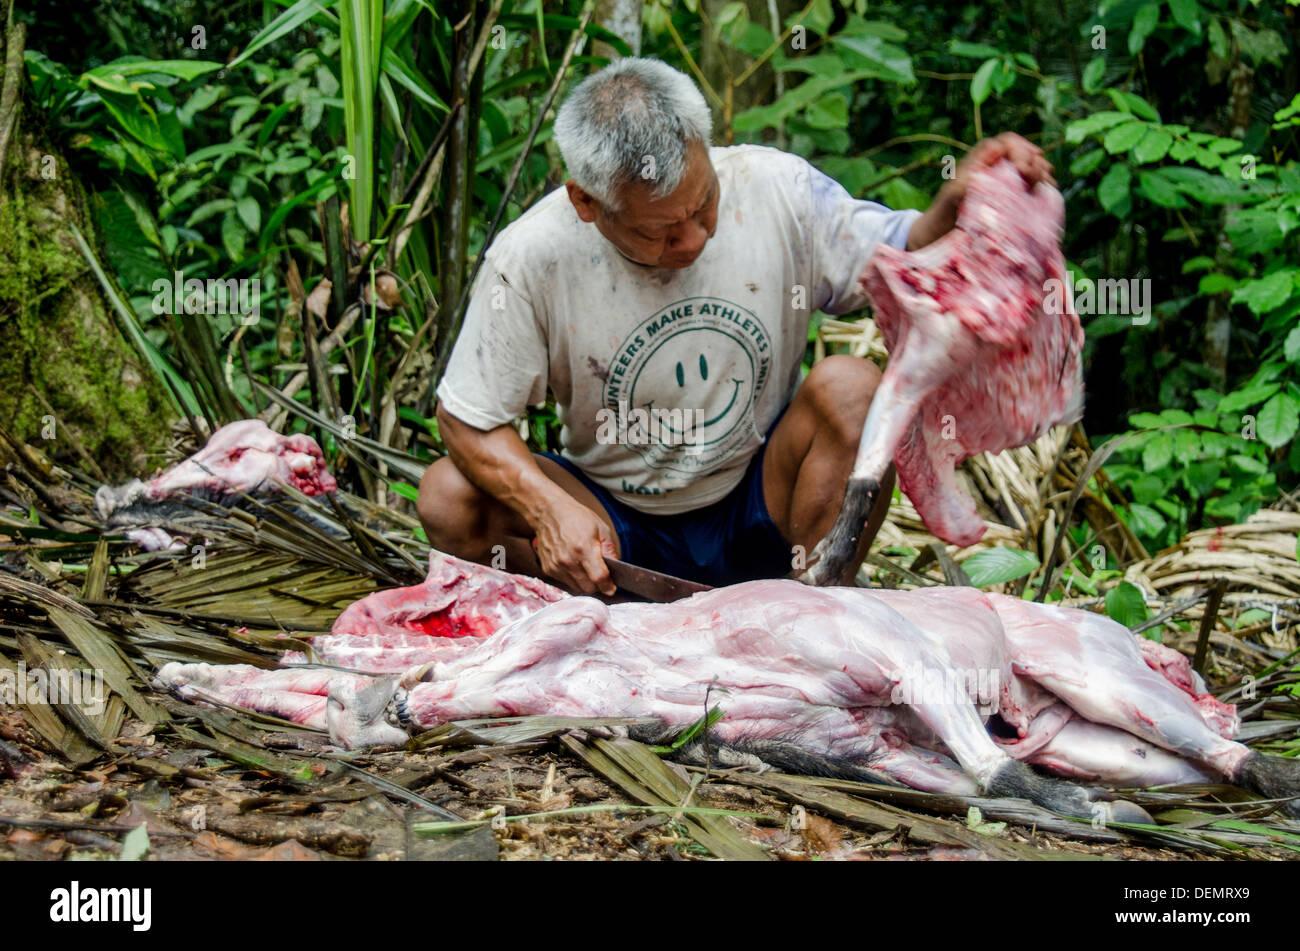 Sustainable bushmeat hunting amazonia peru - Stock Image